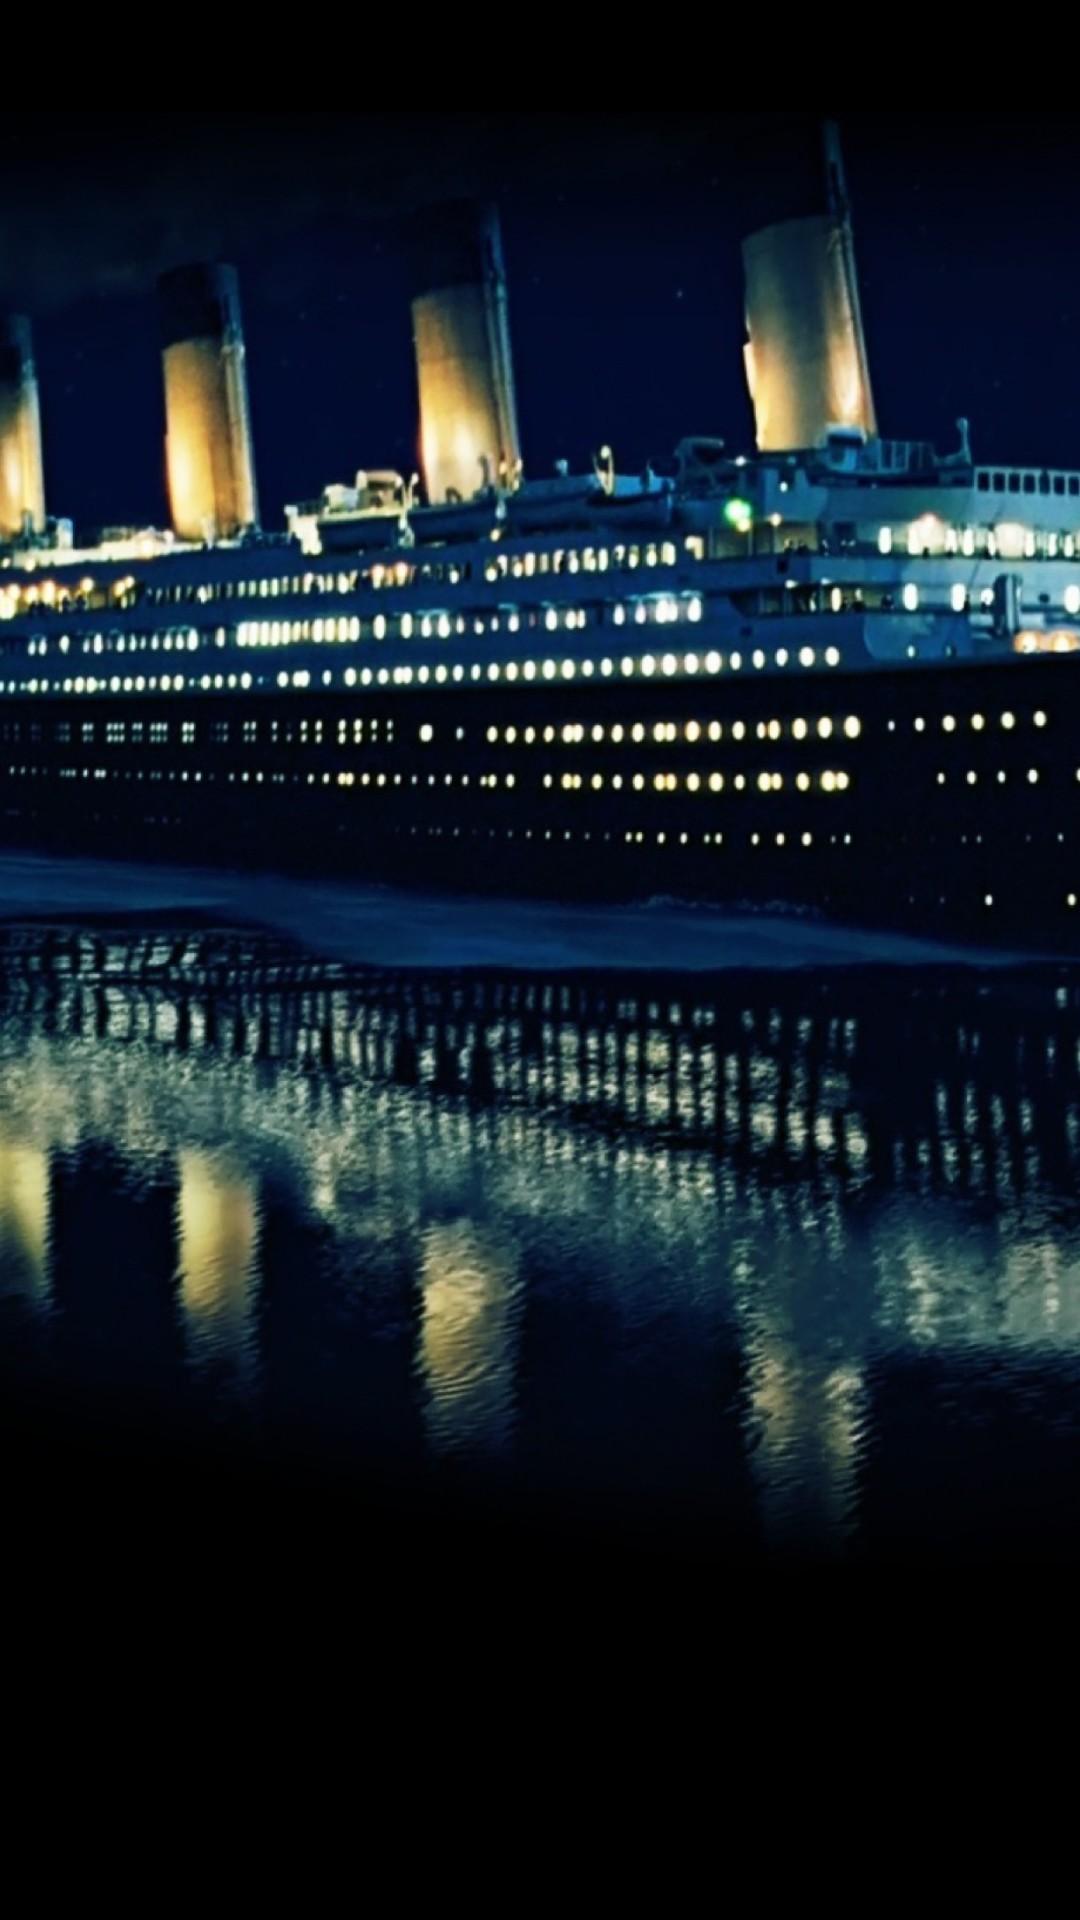 Download 3d Wallpaper Apk Titanic Wallpaper 77 Images